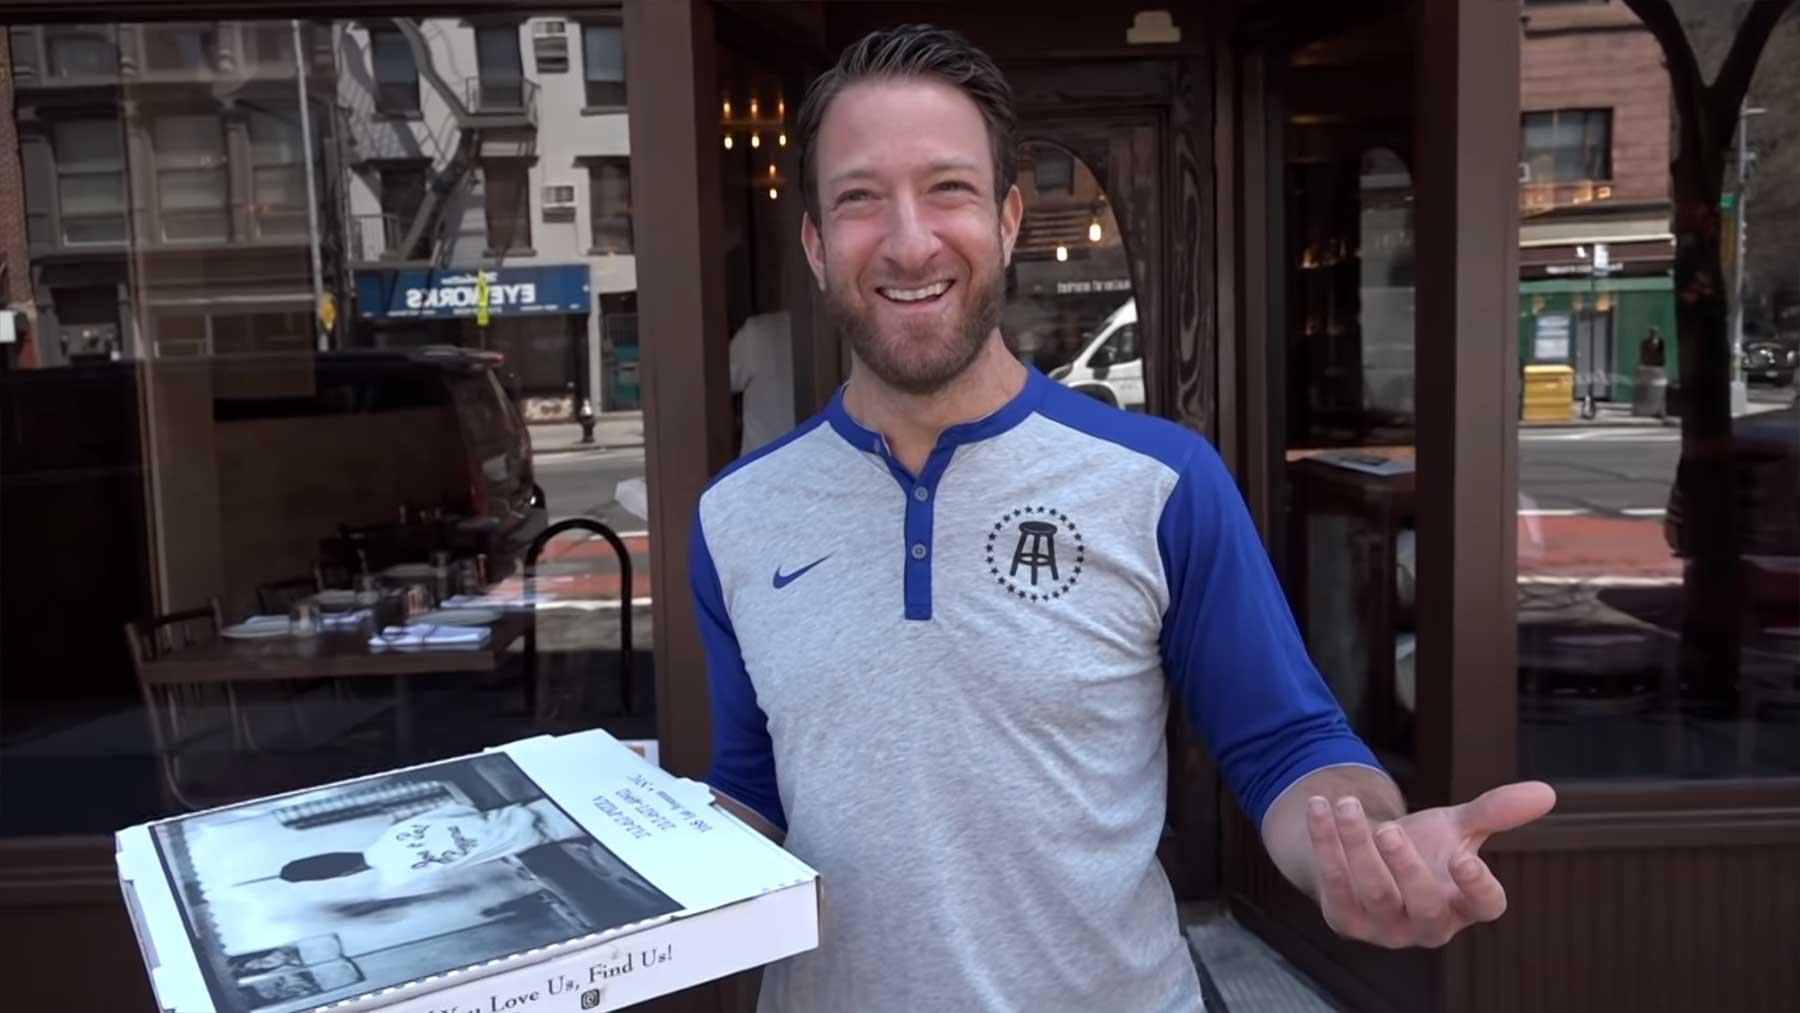 Der Versuch eines Pizza-Reviews auf New York Citys Straßen